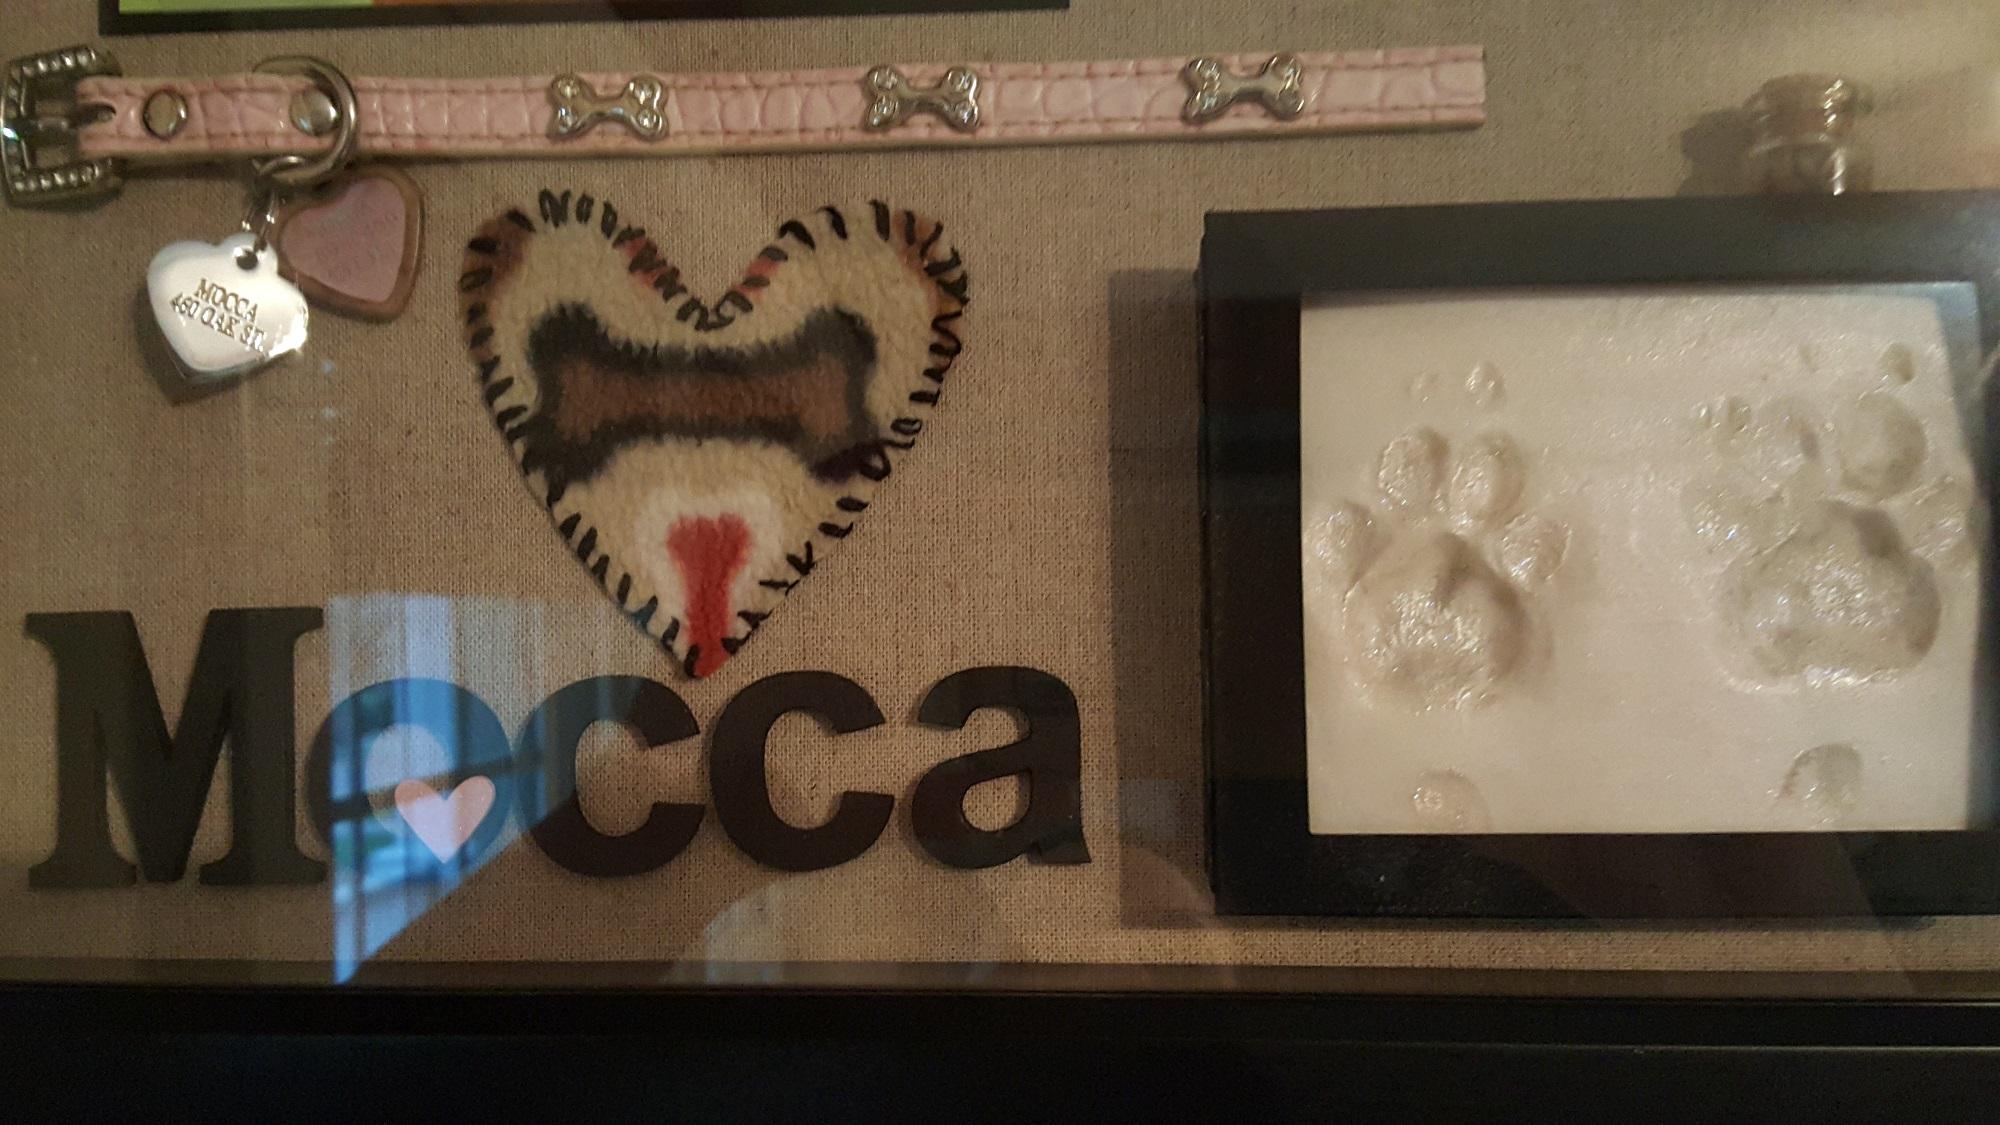 Vicki-Mocca shadow box2